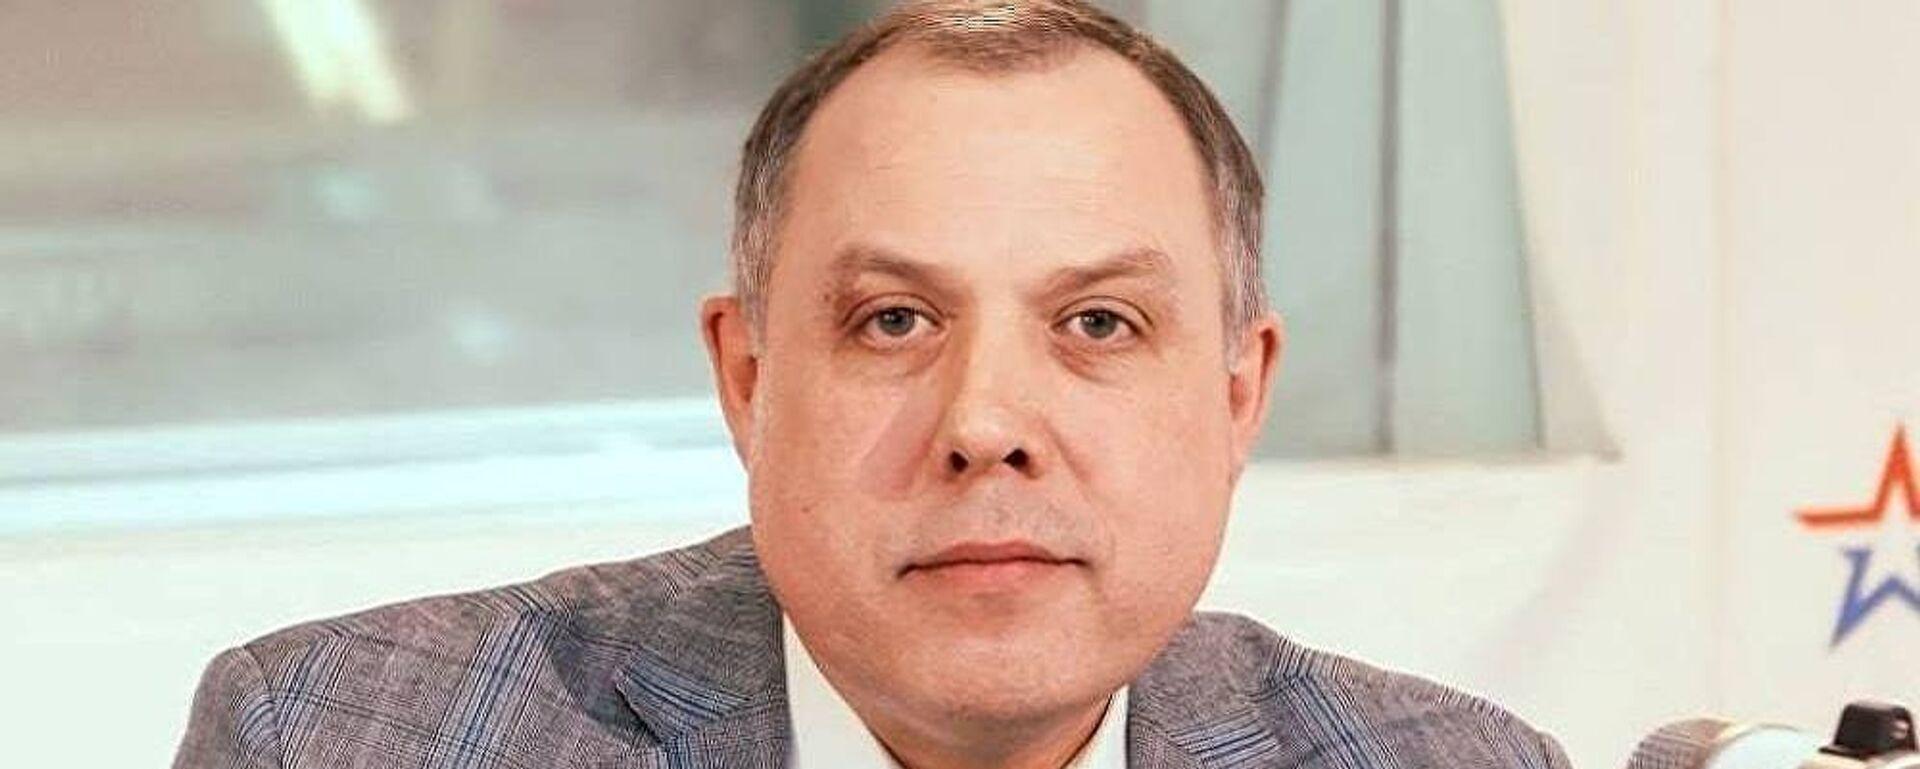 Политолог, руководитель экспертного совета Фонда стратегического развития Игорь Шатров - Sputnik Латвия, 1920, 23.02.2021